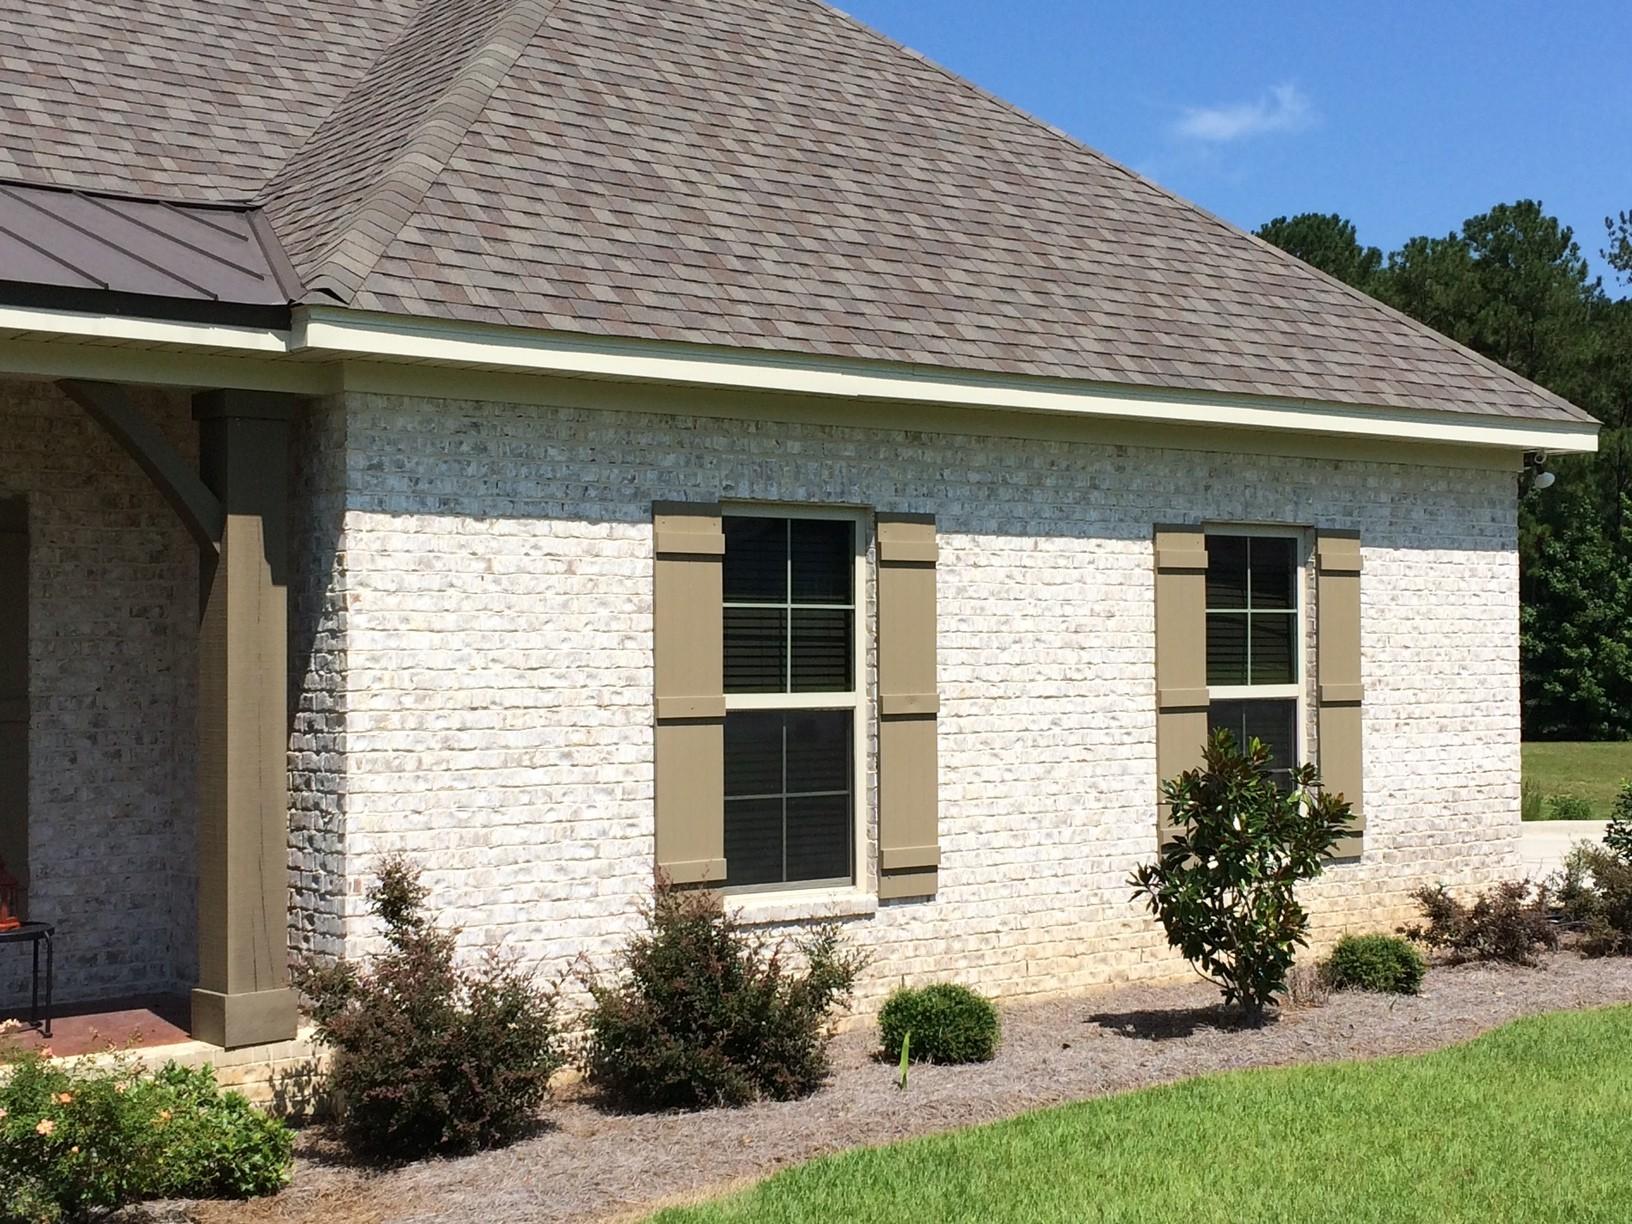 Magnolia Bay With Ivory South Alabama Brick Company